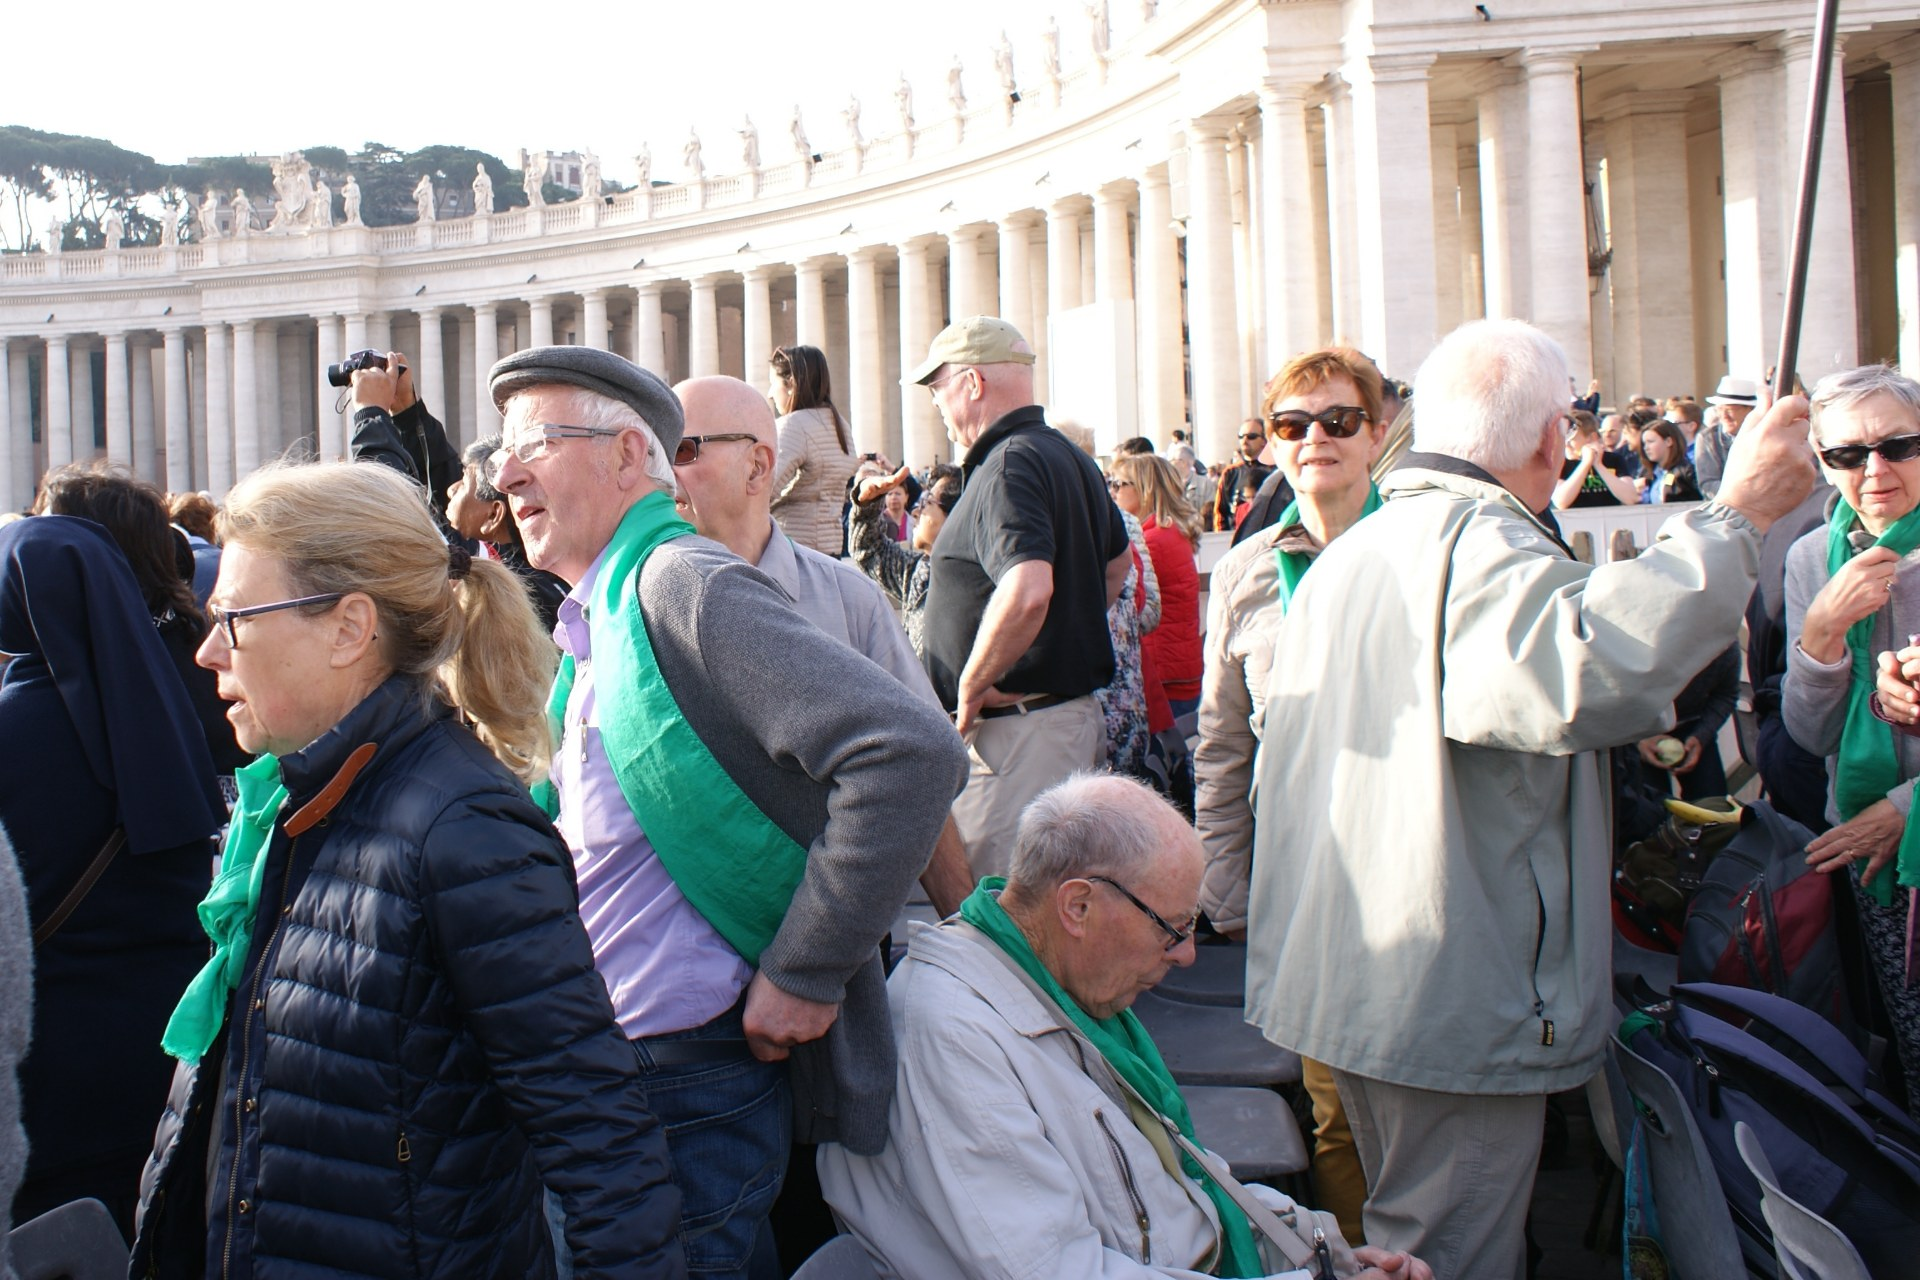 Images - Stald - Rome Printemps 2016 - 04:06 - 02